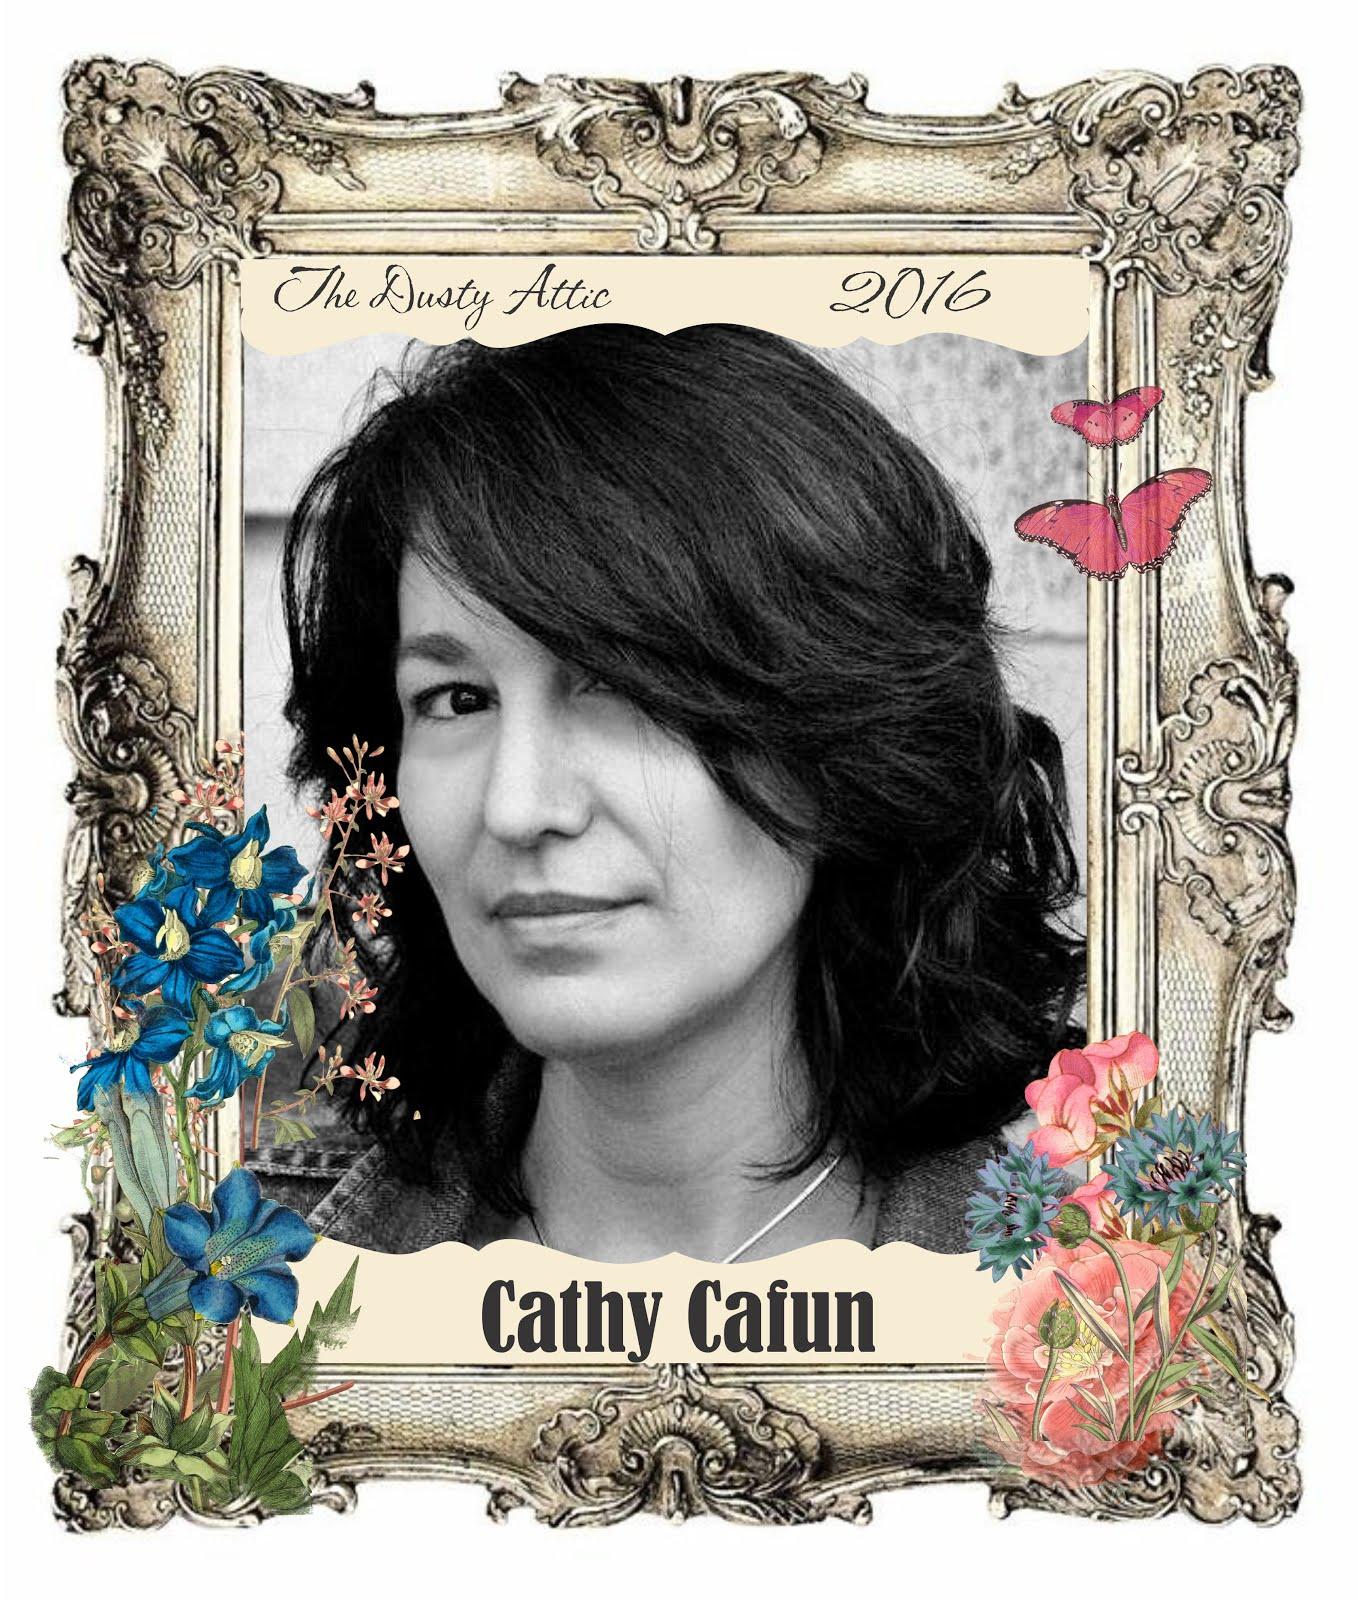 Cathy Cafun